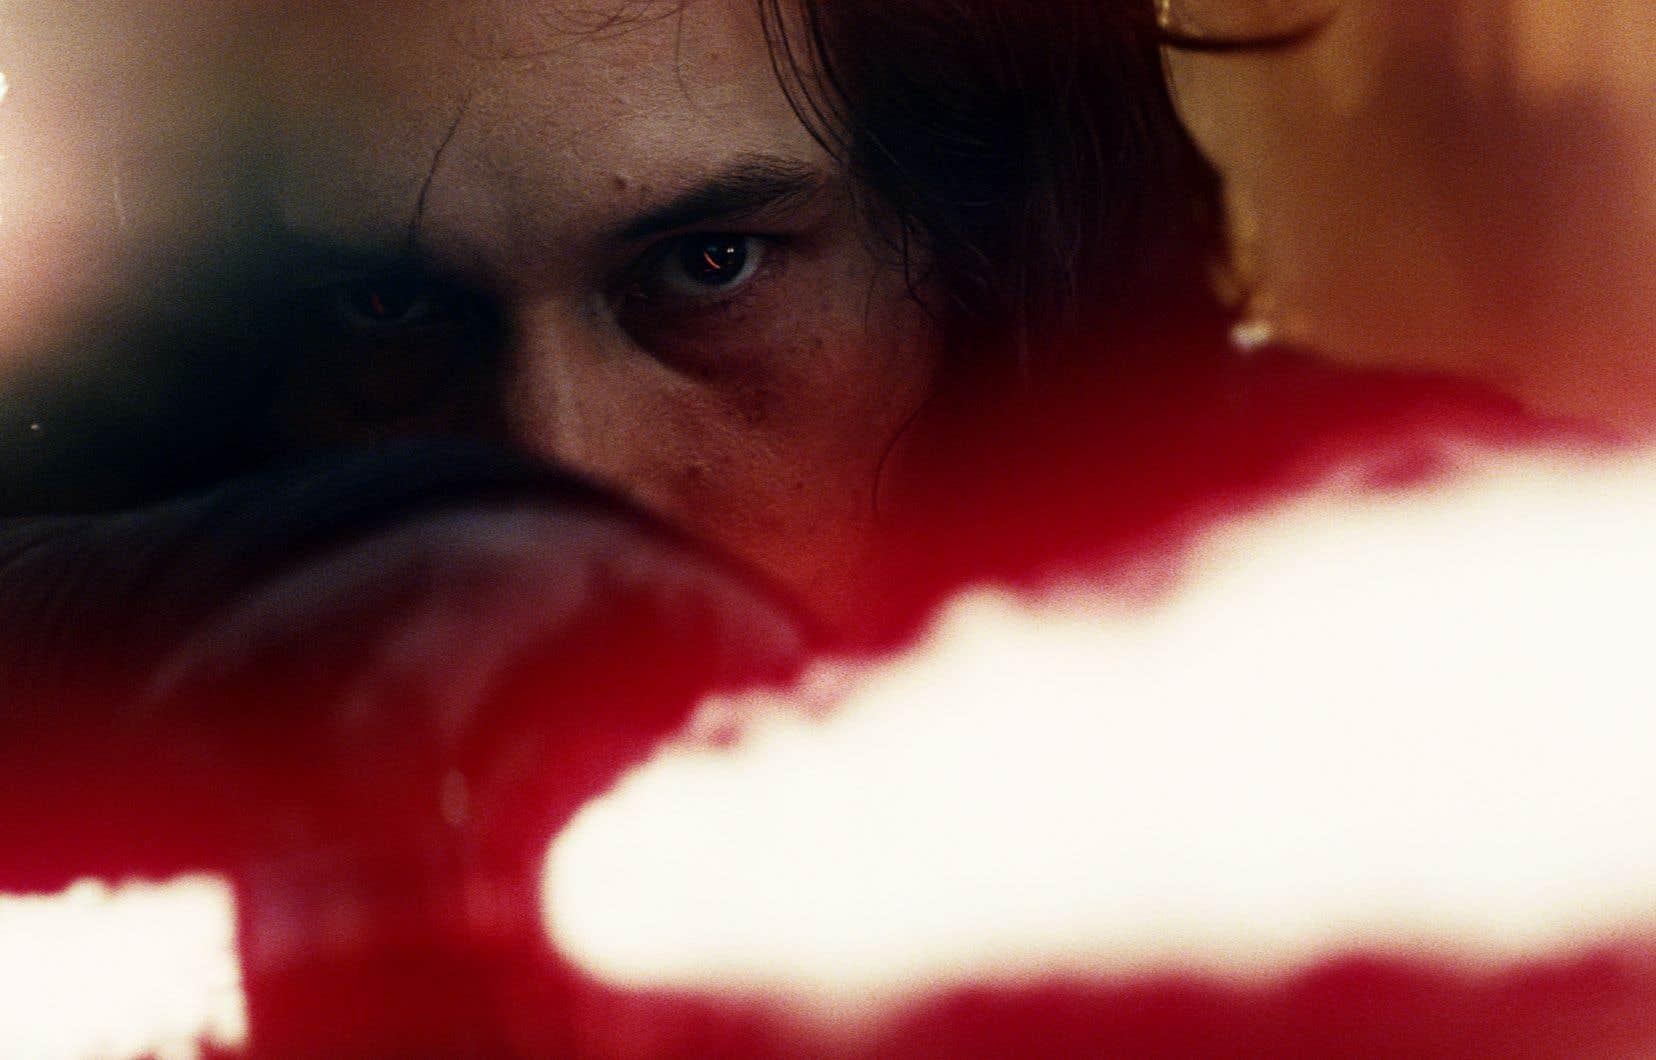 Kylo Ren a succédé à Darth Vader à titre d'antagoniste, aux côtés de Snoke, dans la nouvelle trilogie de Star Wars.